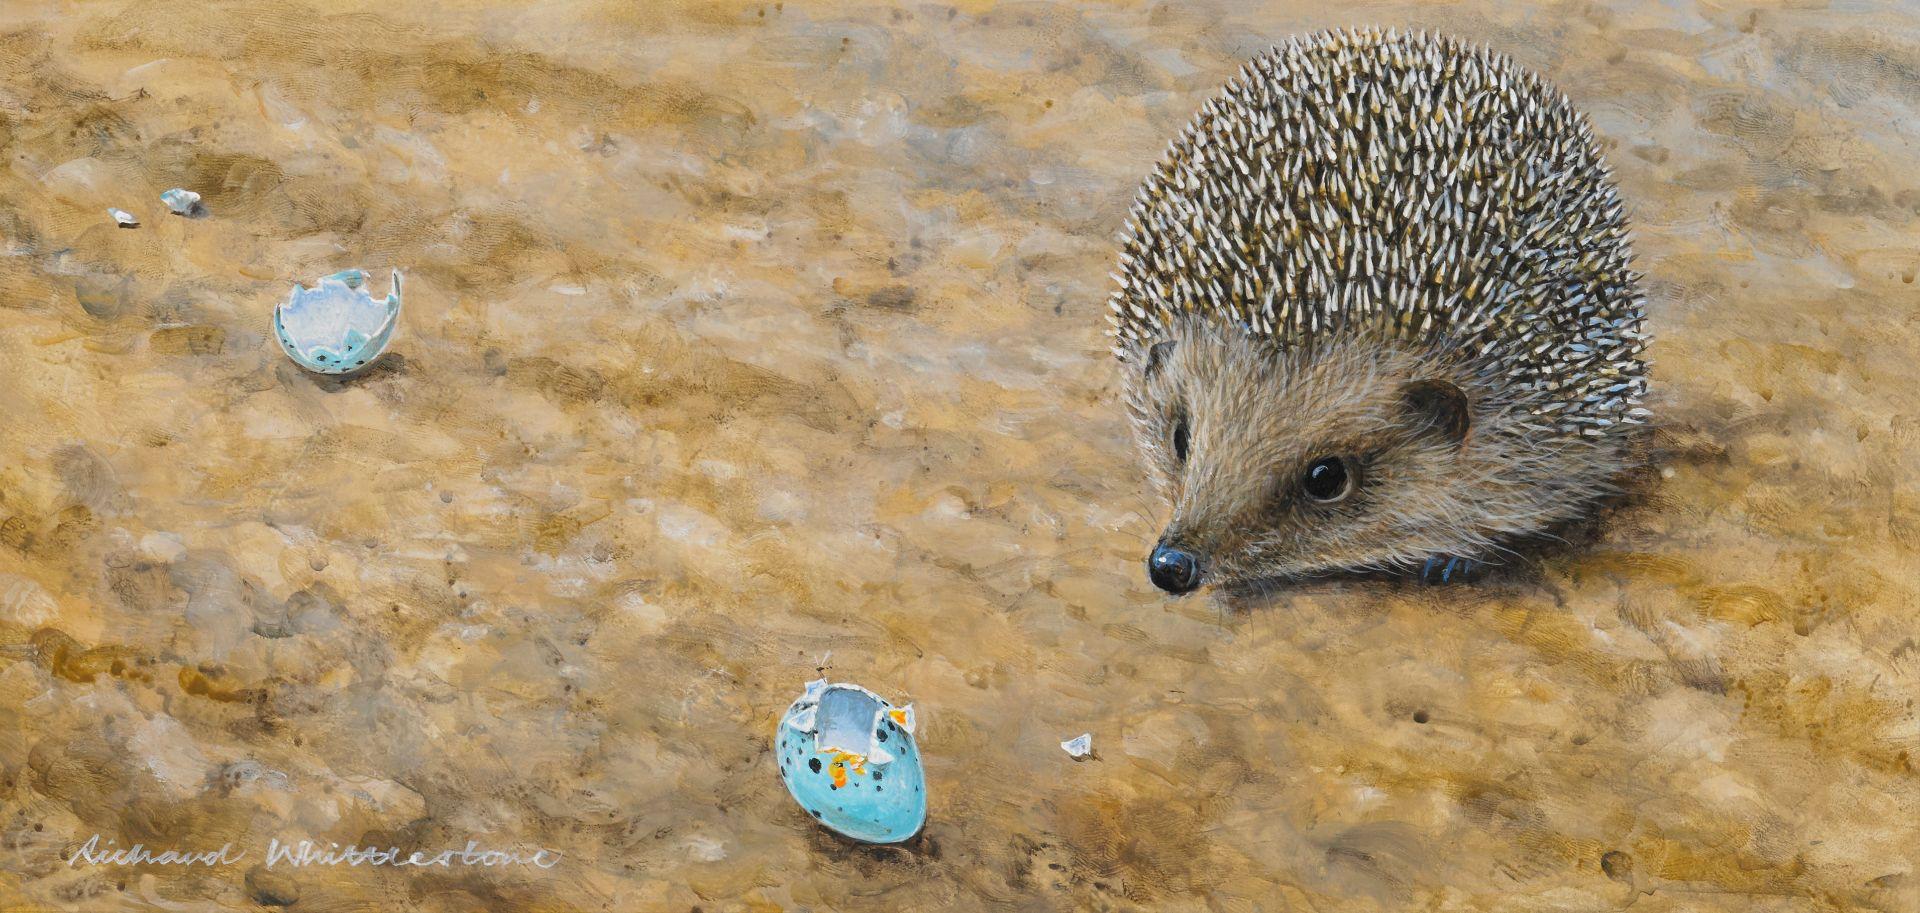 Richard-Whittlestone-Originals-Hedgehog